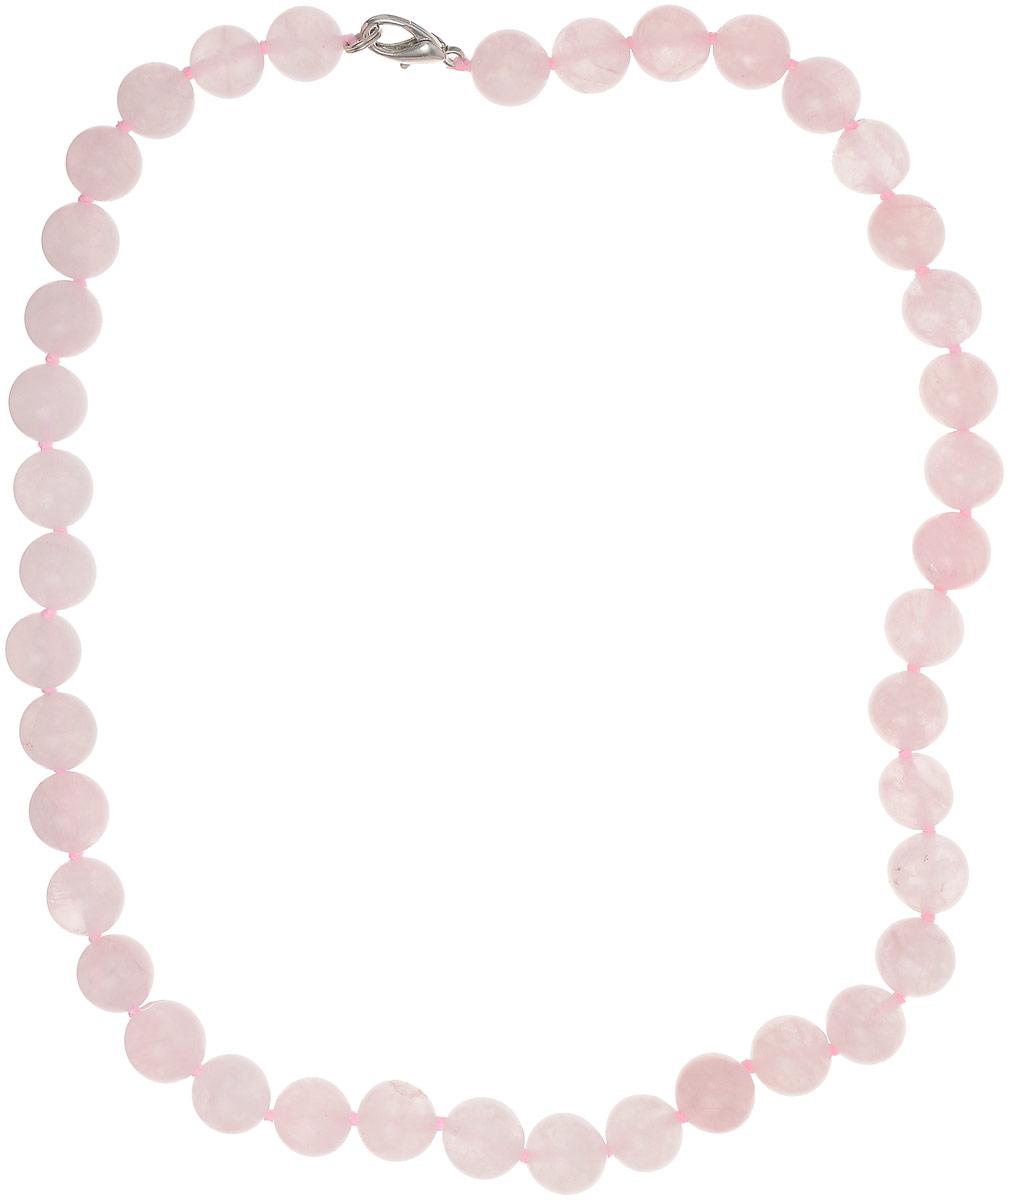 Бусы Револю Классика № 10, цвет: розовый. НКР-1(10)-48-2уБусы-ошейникочаровательный розовый кварц - это камень, но как он похож на нежный шёлк! Чудесные украшения из розового кварца придают особенную нежность и эмоциональность каждому вашему наряду! Ощутите прикосновение любви - примерьте это восхитительное и чарующее украшение из розового кварца!